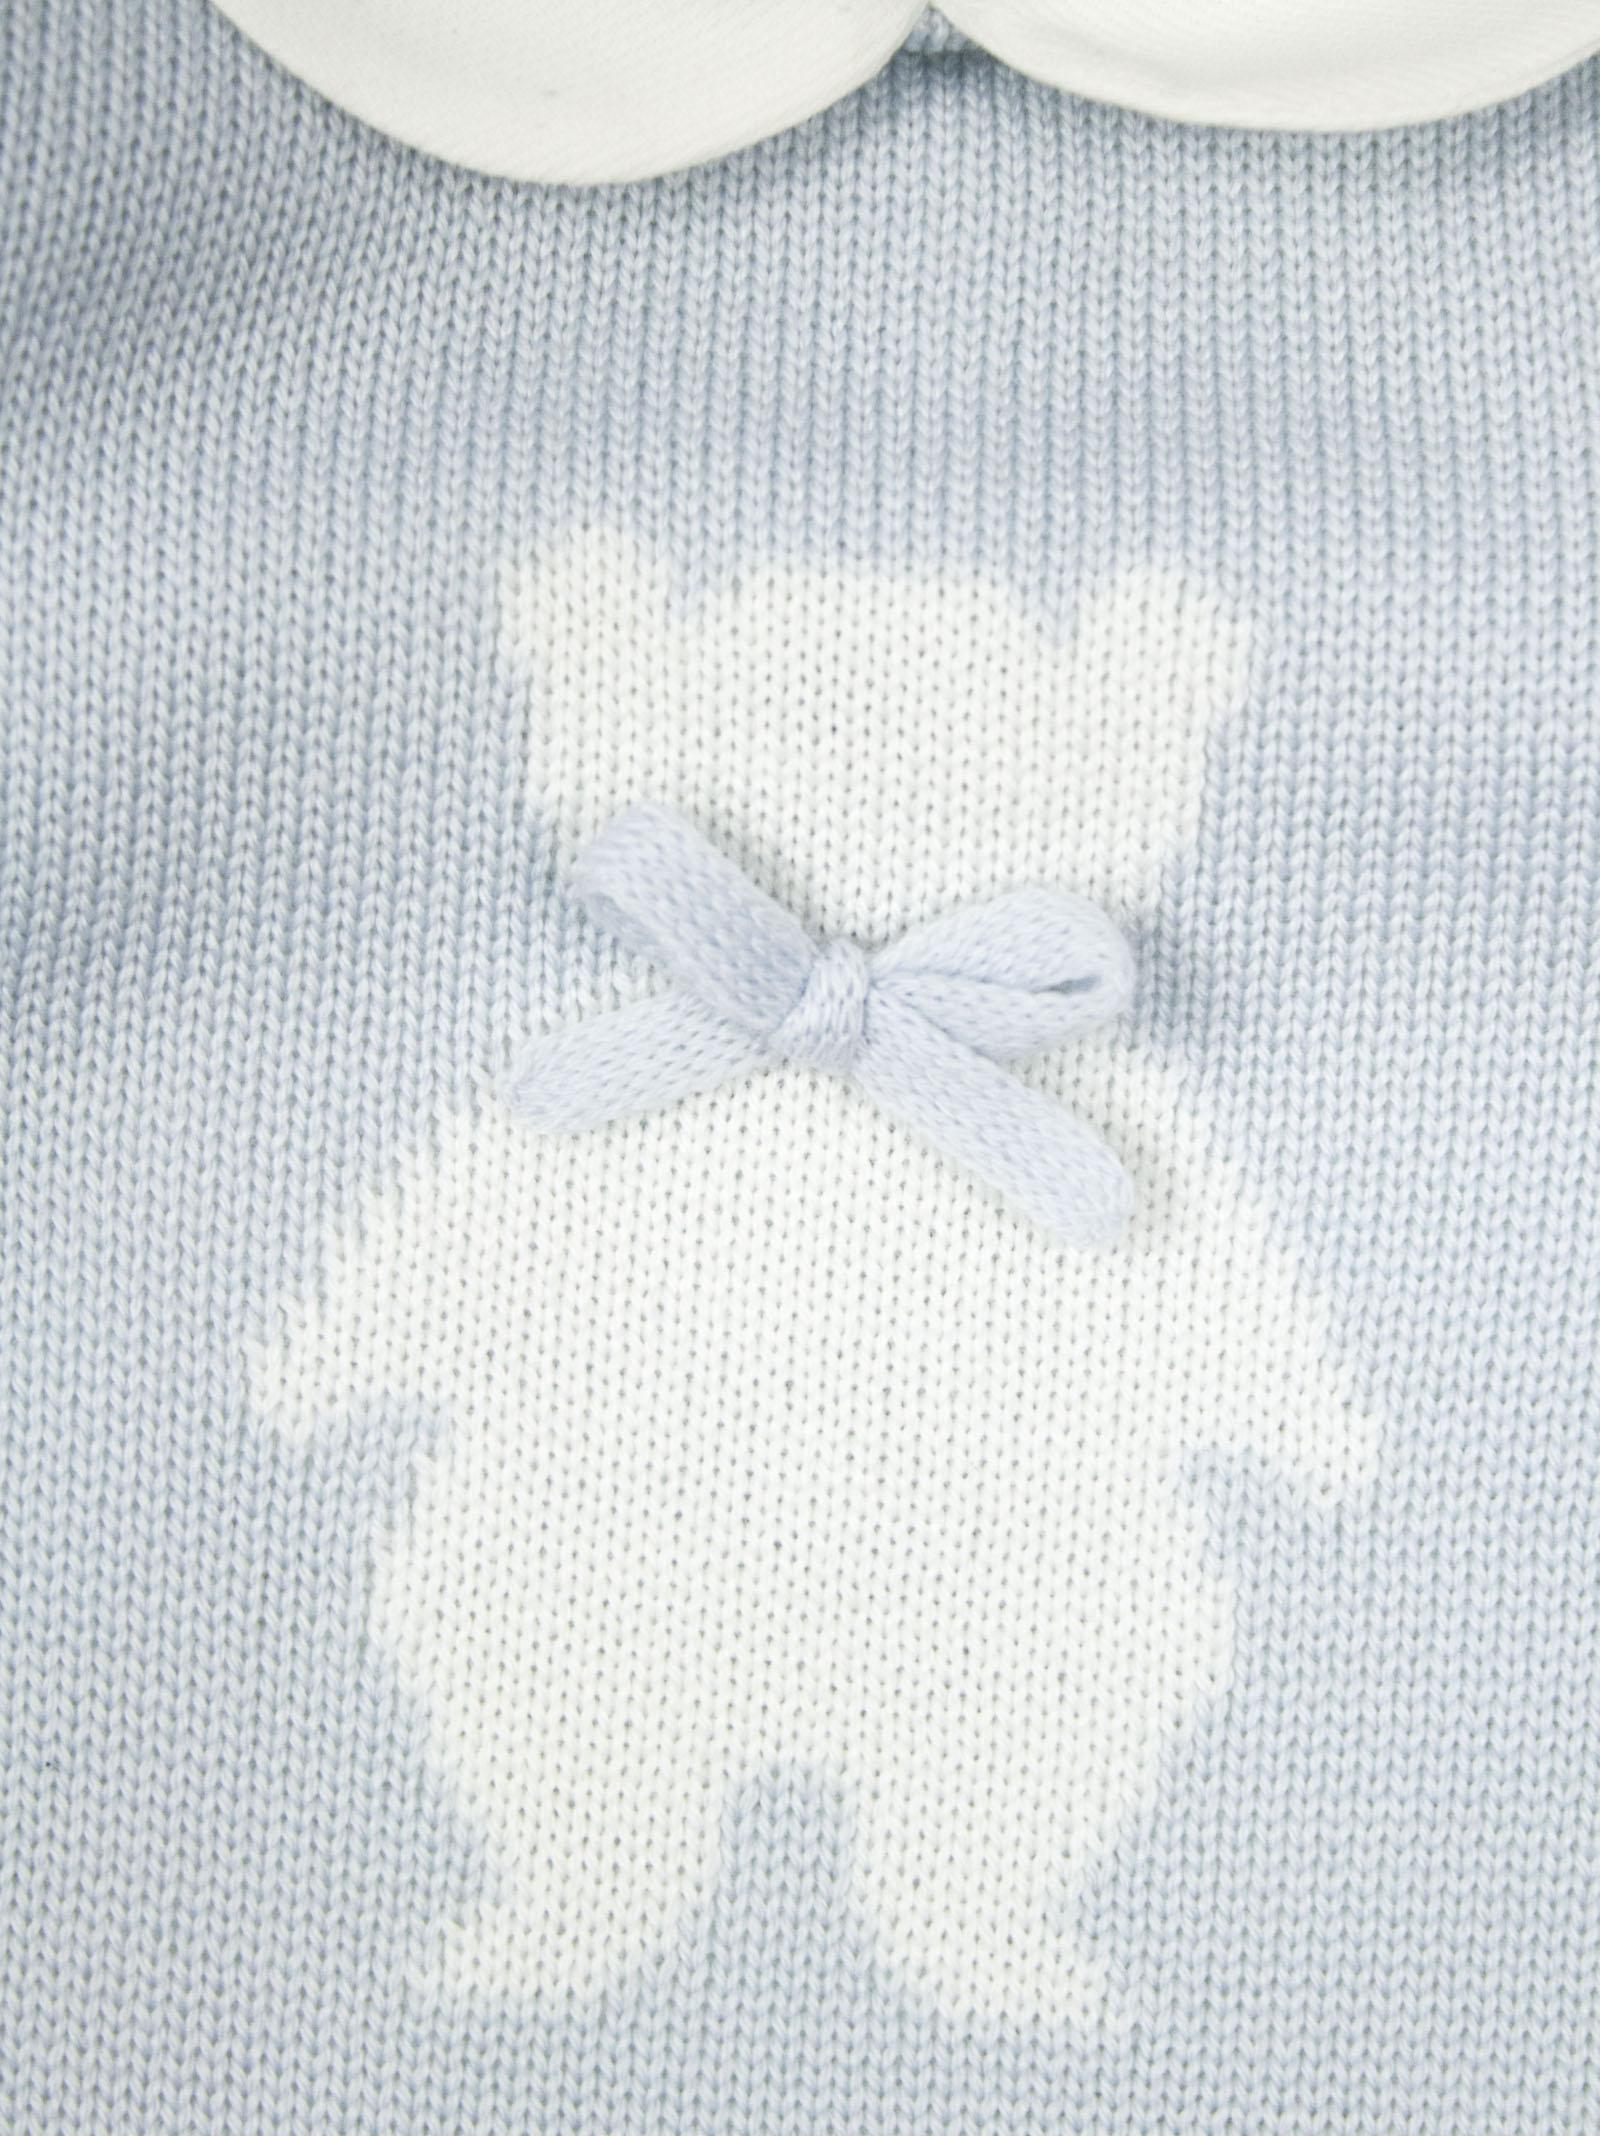 LITTLE BEAR   517   8105CELESTEPANNA